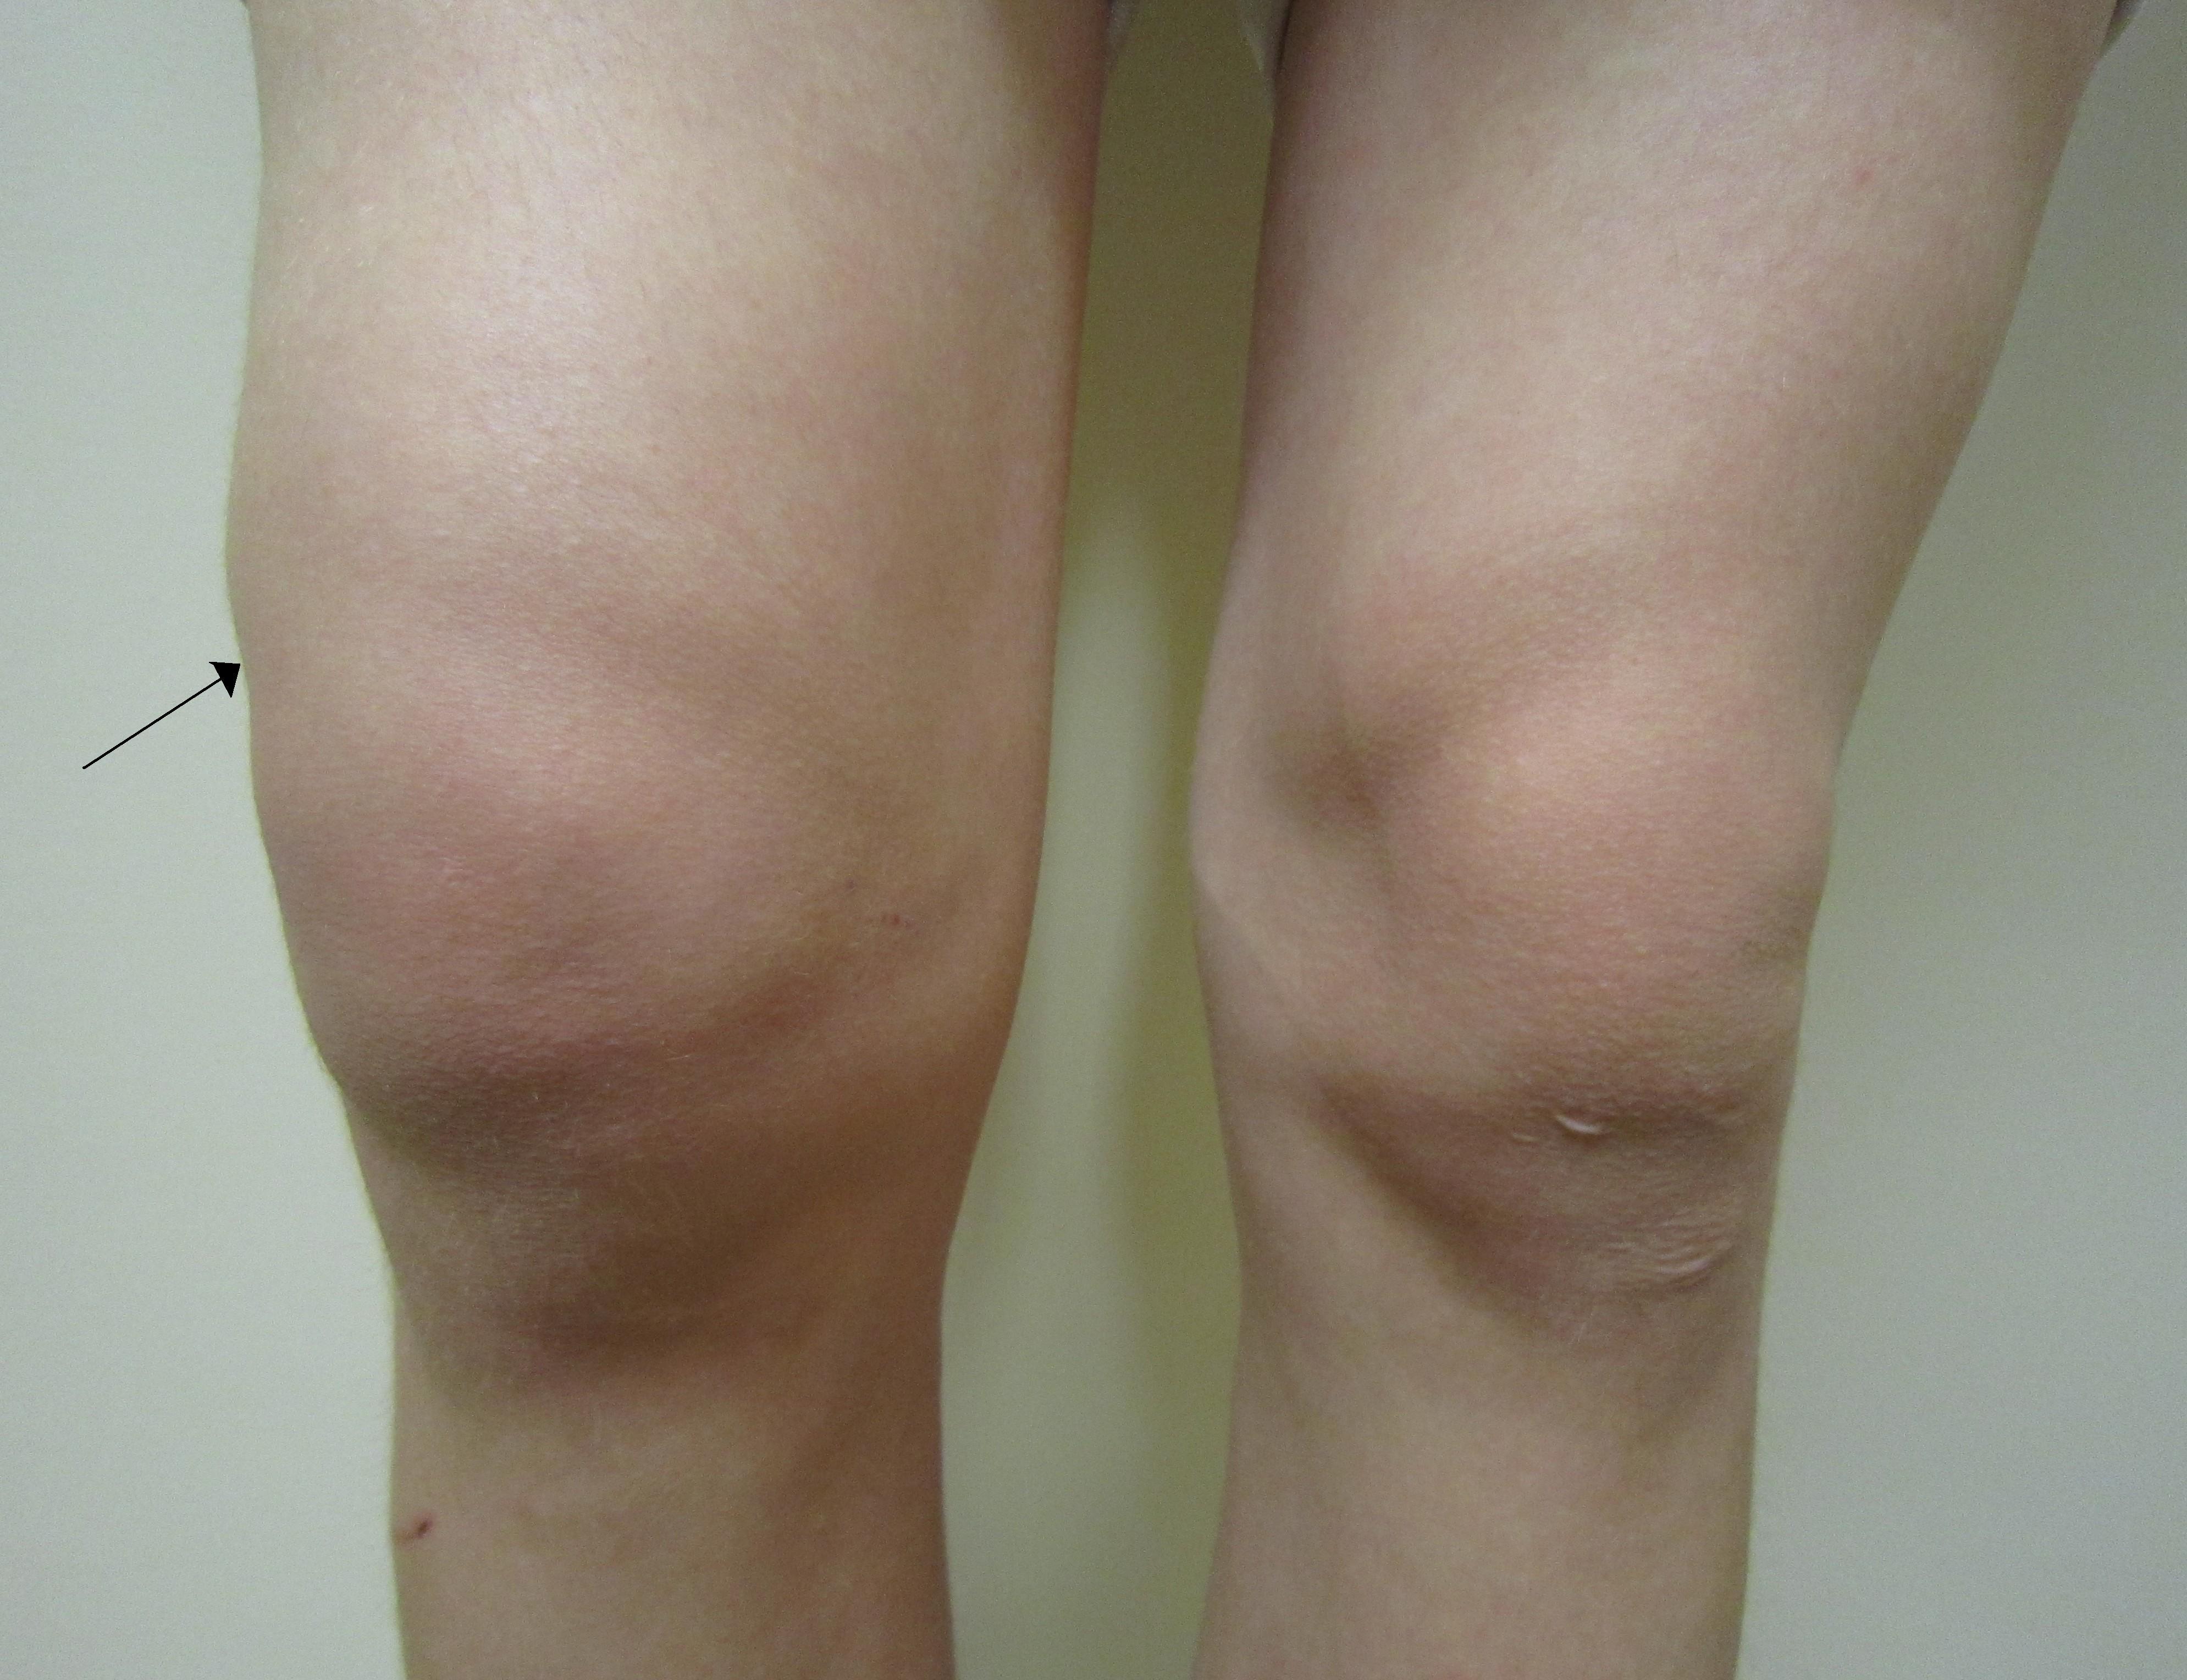 medicamente pentru tratamentul durerii în articulațiile genunchiului